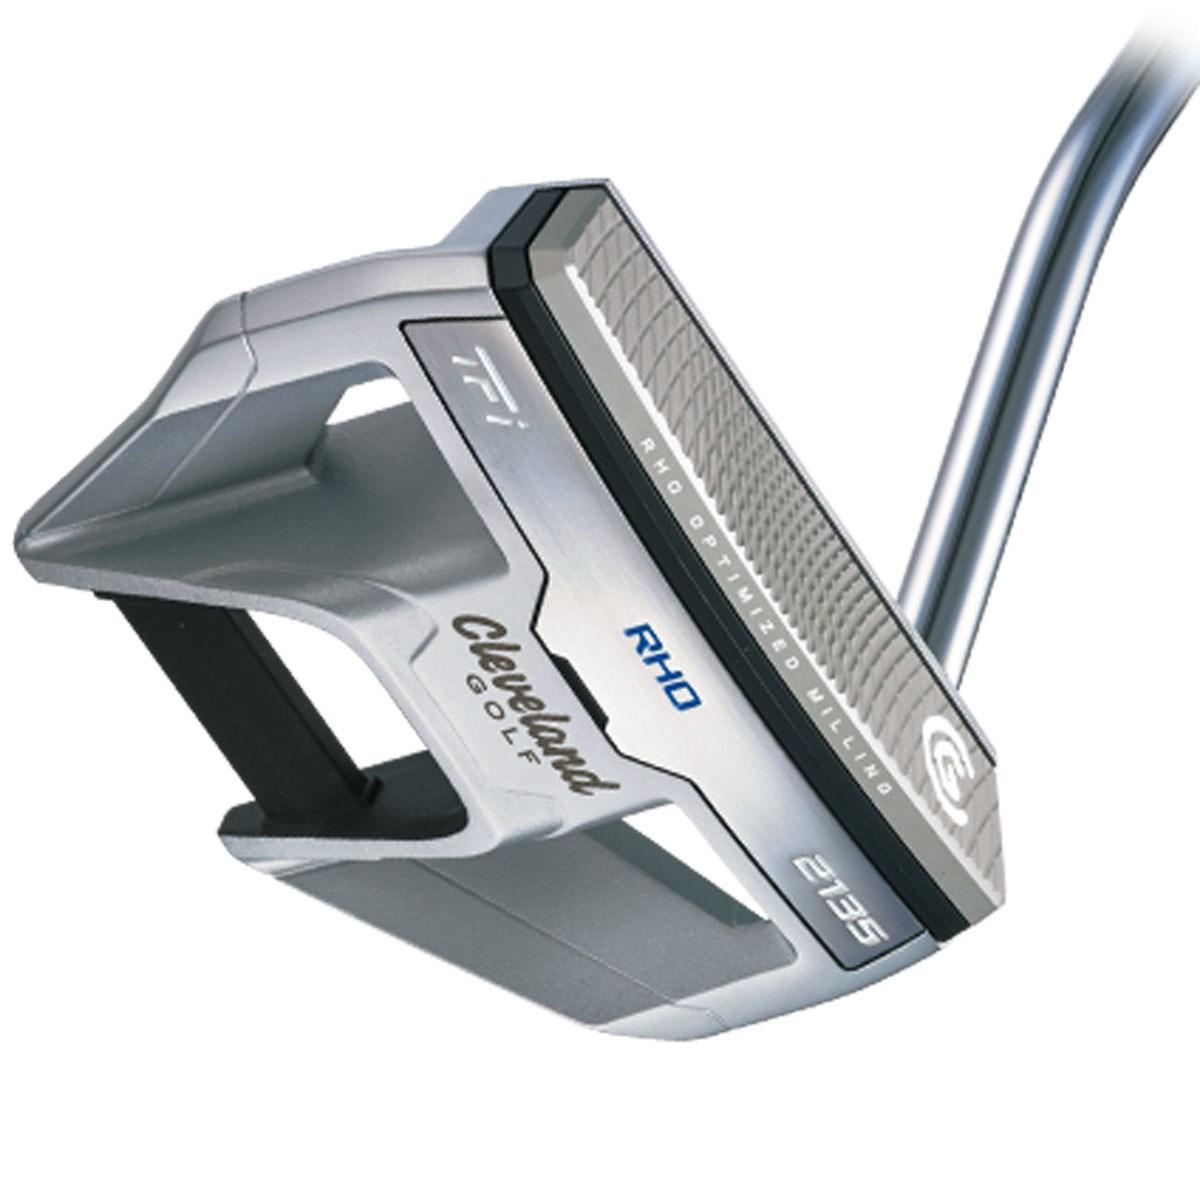 クリーブランド(Cleveland Golf) TFi 2135 SATIN RHO パター